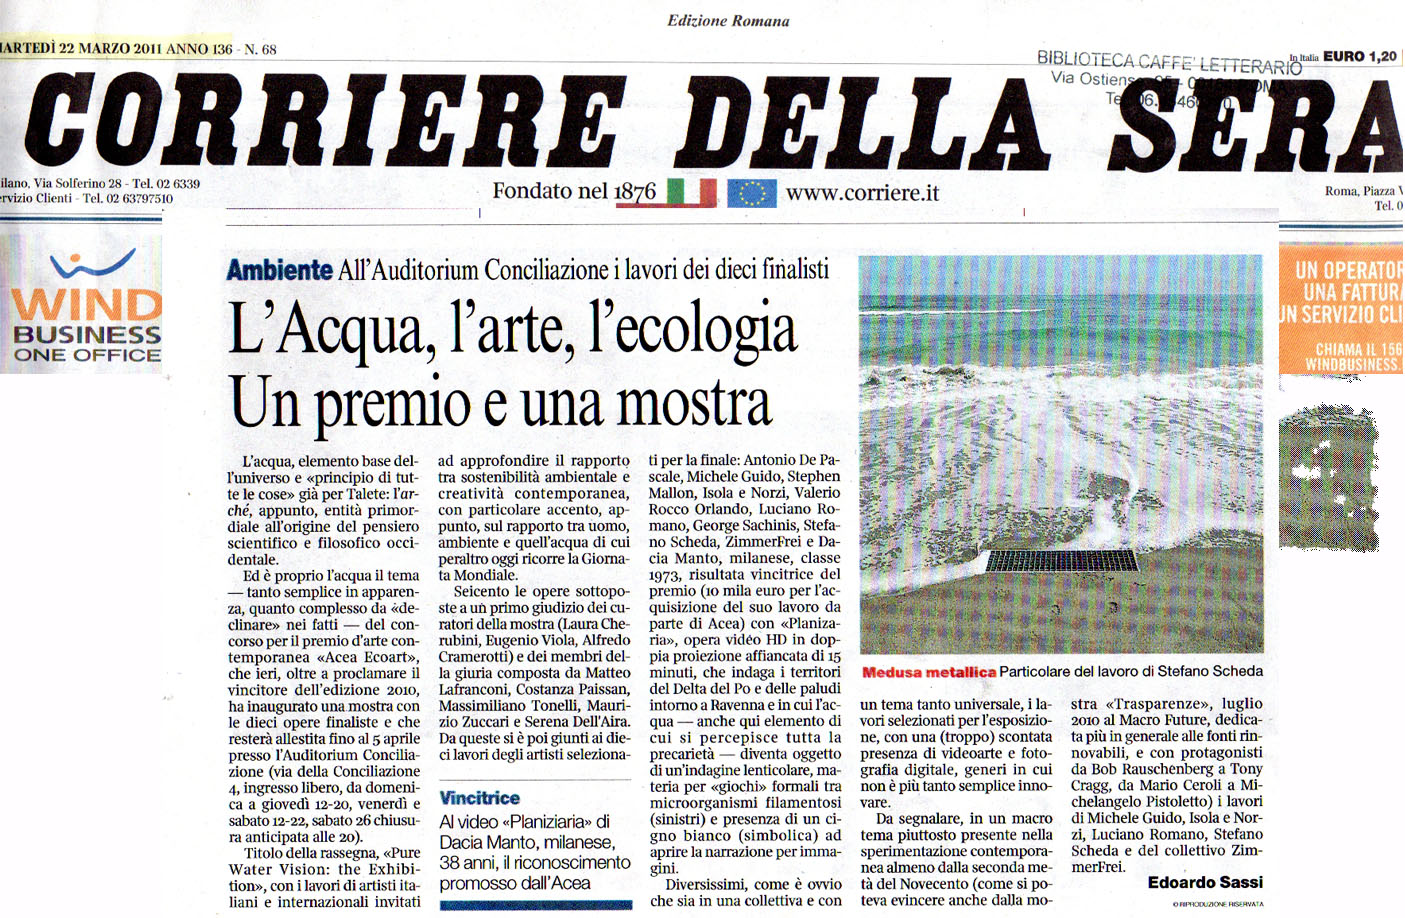 Pure water vision exhibition reviews corriere della sera for Corriere della sera arredamento